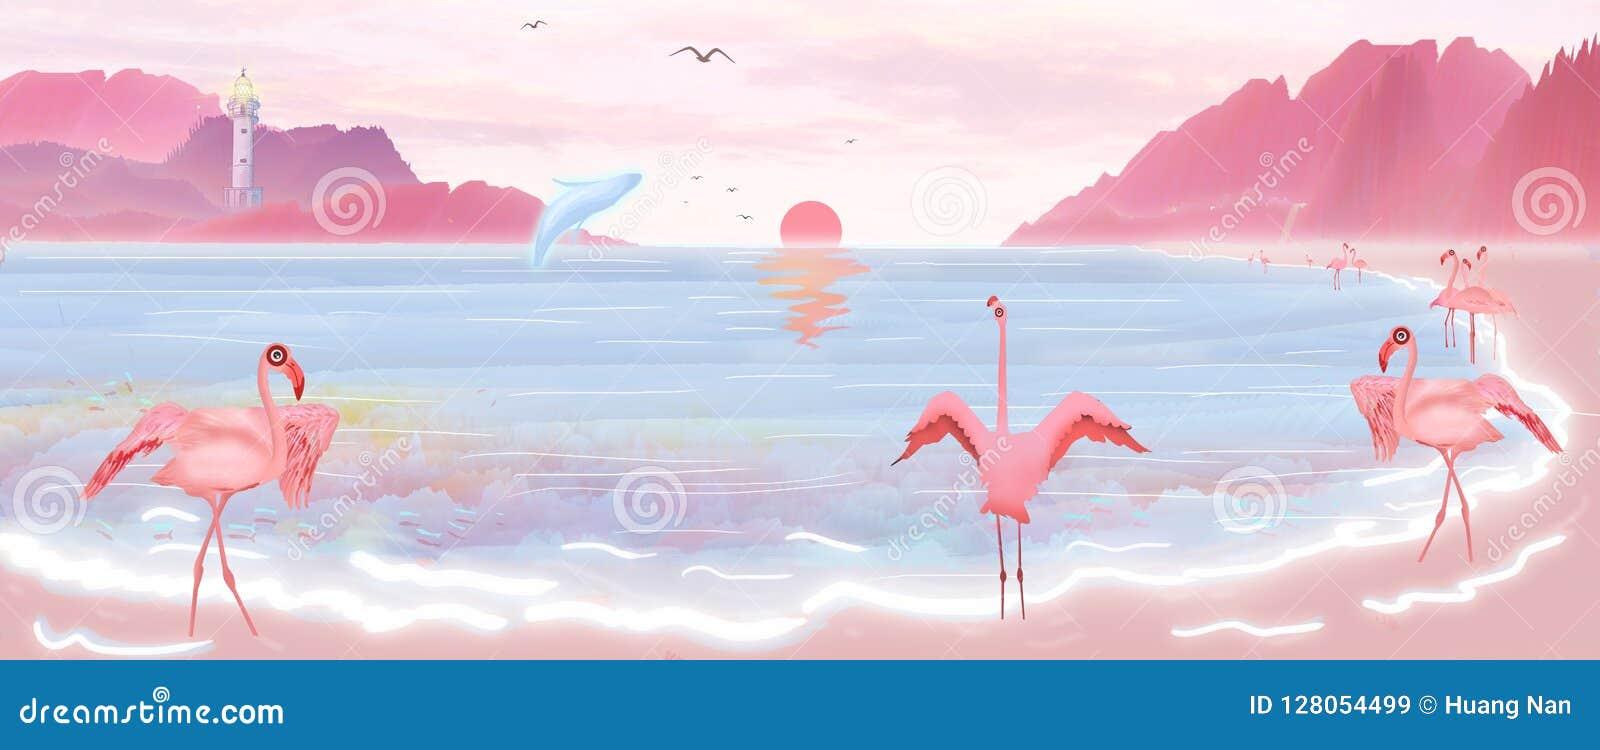 Ilustracja słońce wzrasta od morza, i flamingów i błękitnych wieloryby bawić się na plażach wyspa Hawaje